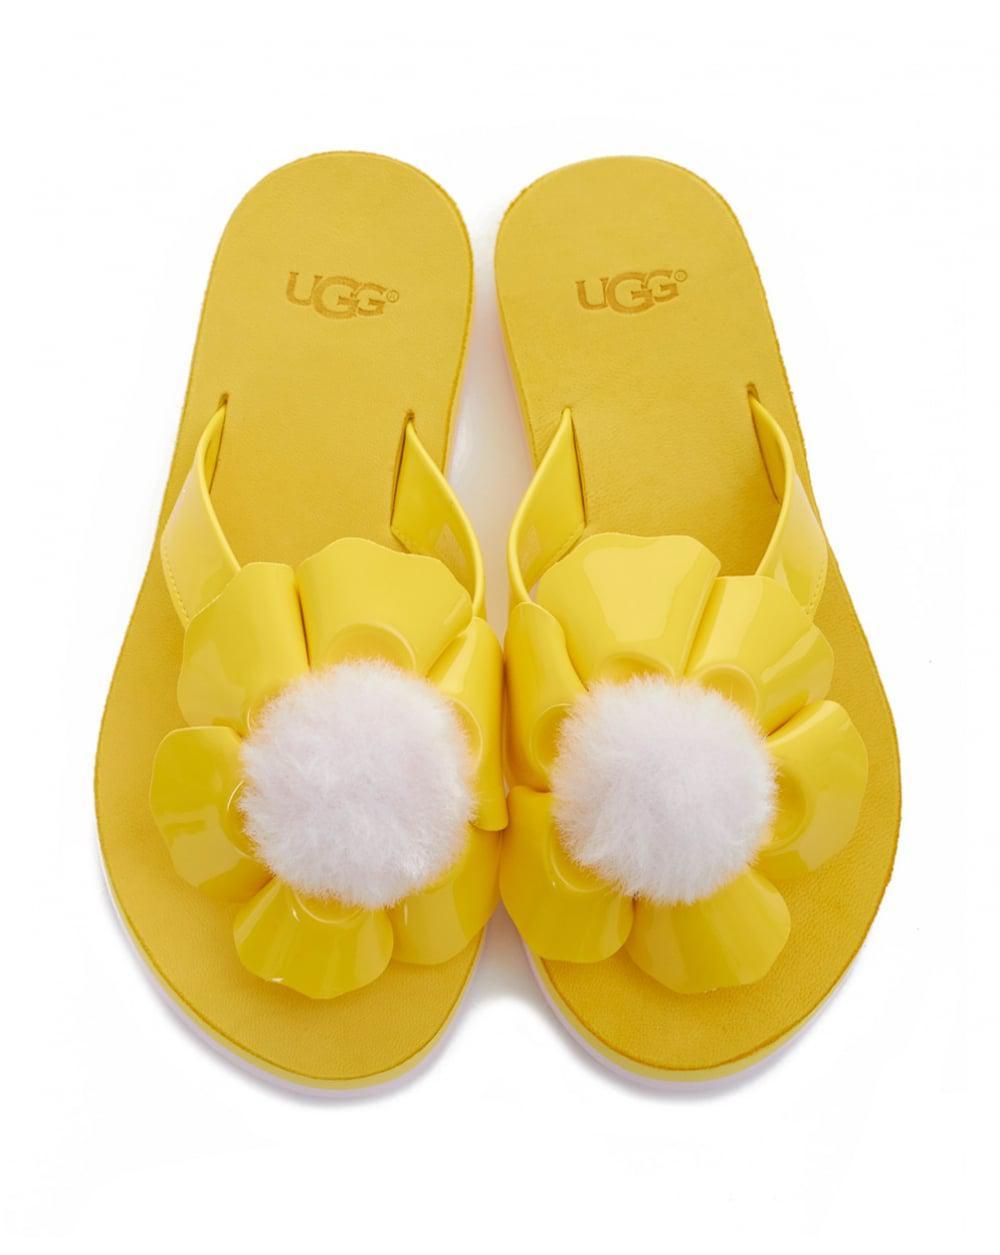 9c1f1ffd251d84 Ugg - Yellow Poppy Flower Flip Flops - Lyst. View fullscreen